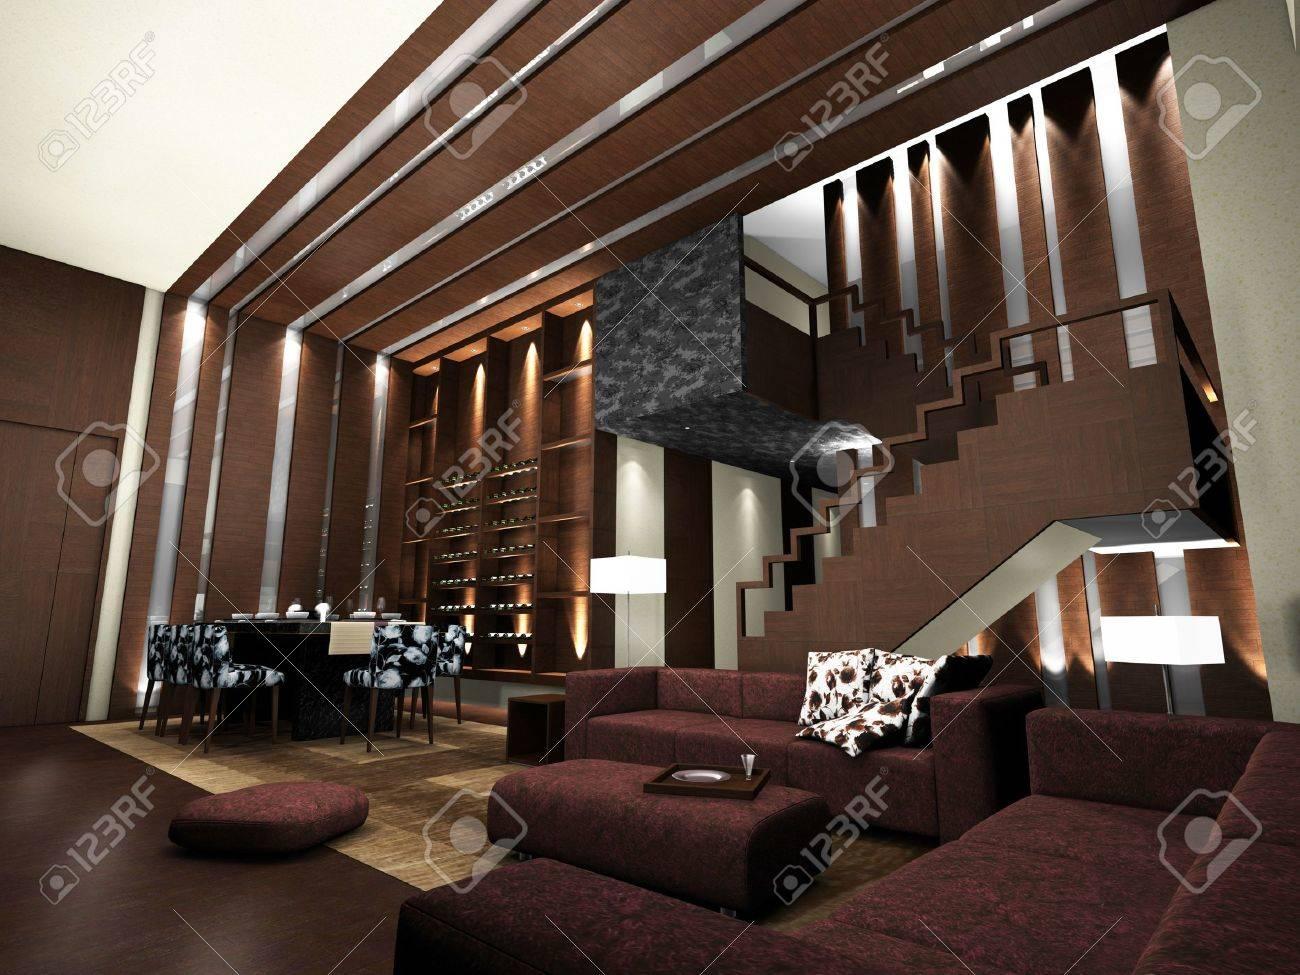 Modernt Vardagsrum Design Med Bord Och Soffor 3D-rendering Royalty ...